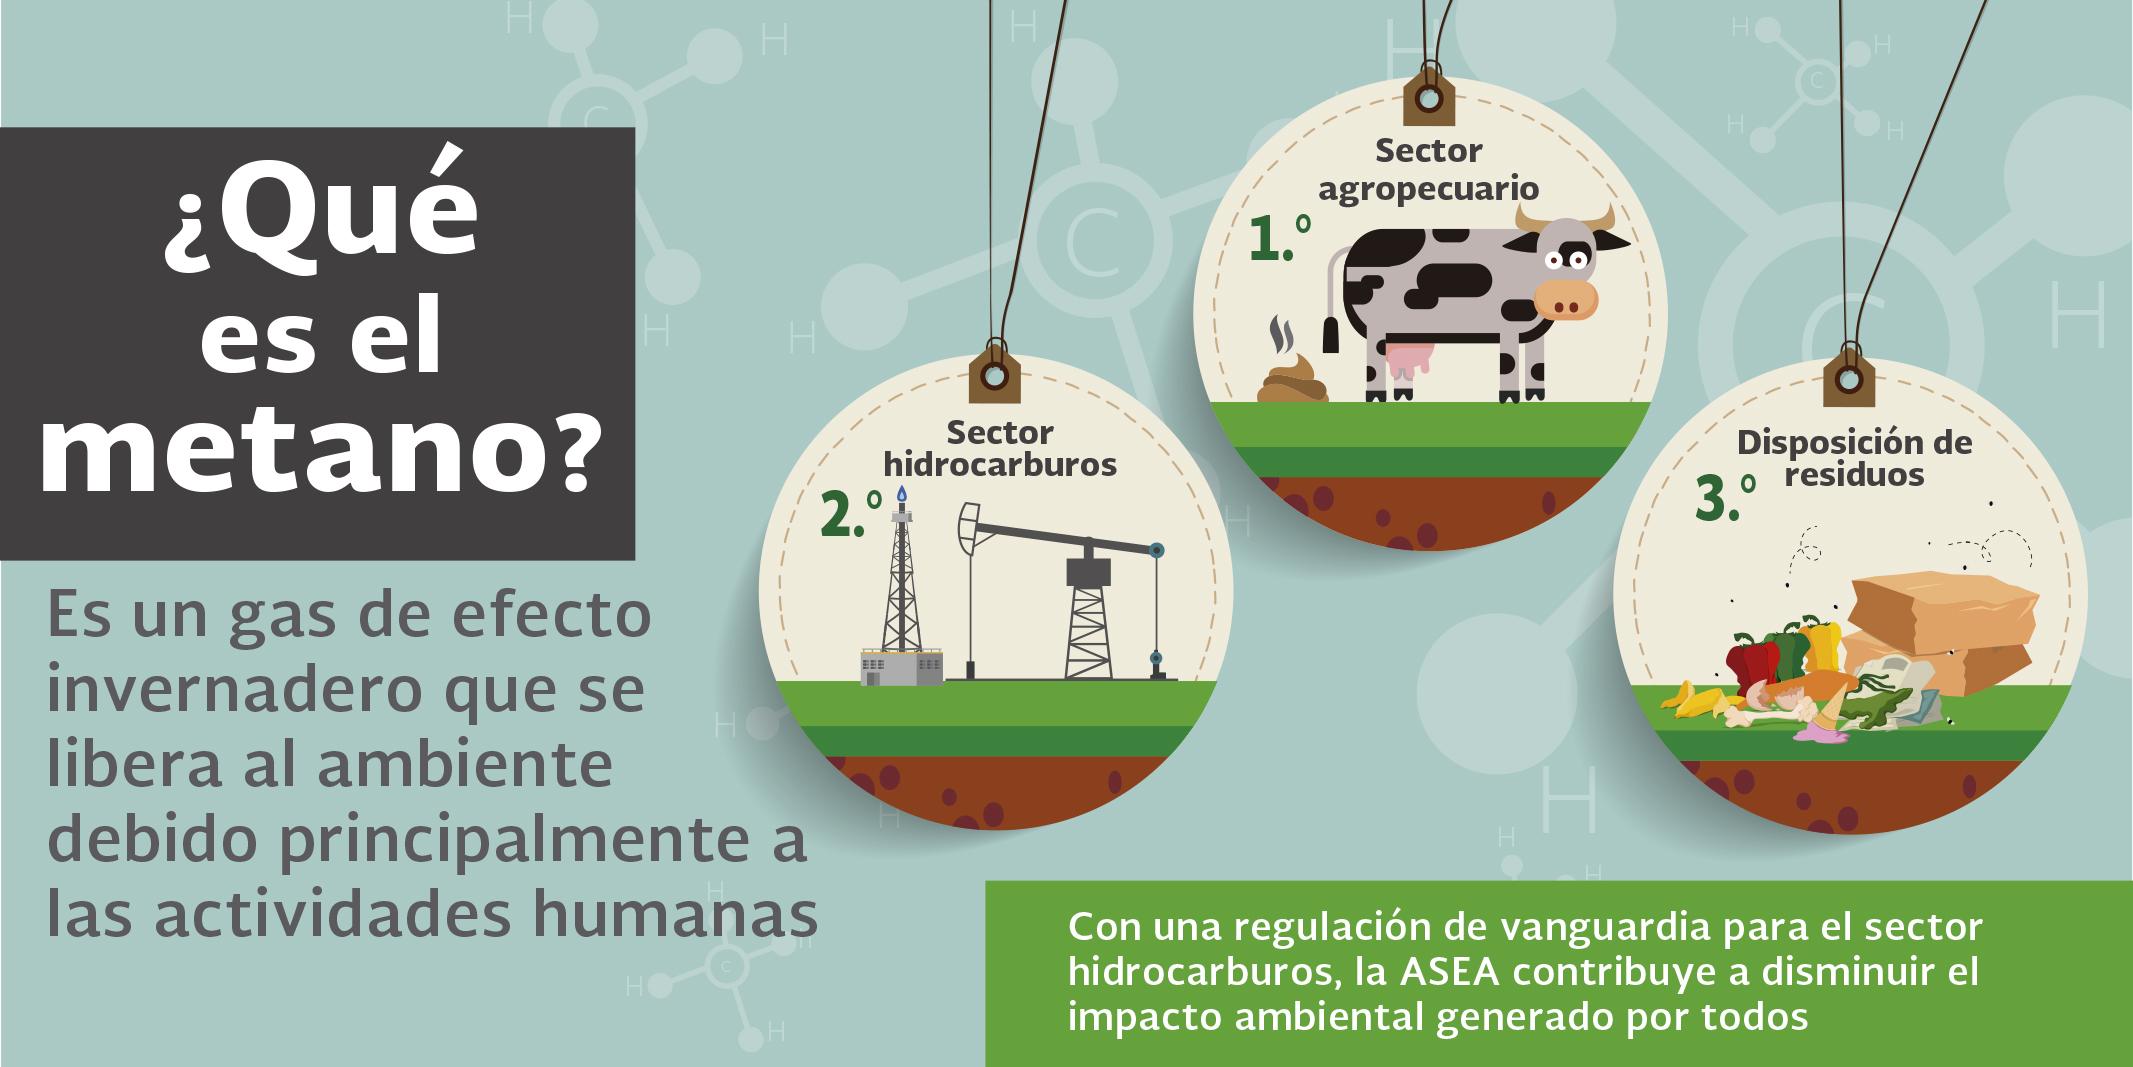 Imagen que hace referencia a las emisiones de metano producidas por las actividades diarias como es el caso de tirar basura, usar gas natural, etc.